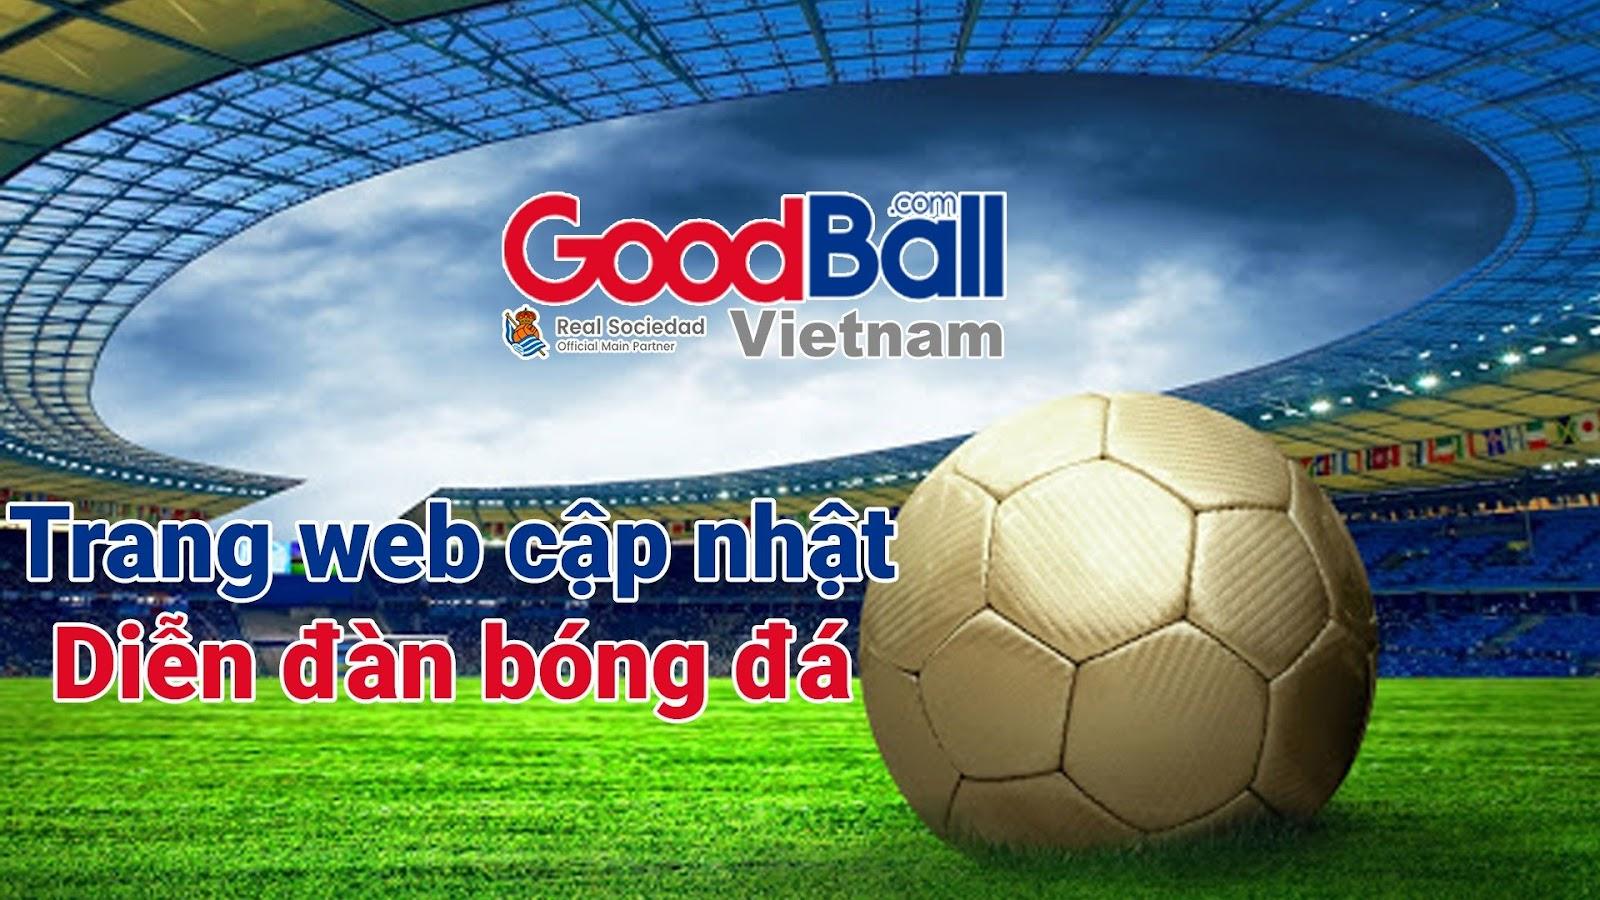 Về dữ liệu bóng đá, tỉ số bóng đá, trực tiếp bóng đá, lịch thi đấu bóng đá, nhận định kèo nhà cái, thì các bạn có thể truy cập nhanh vào trang web bình luận bóng đá GoodBall.com và HDZB.tv